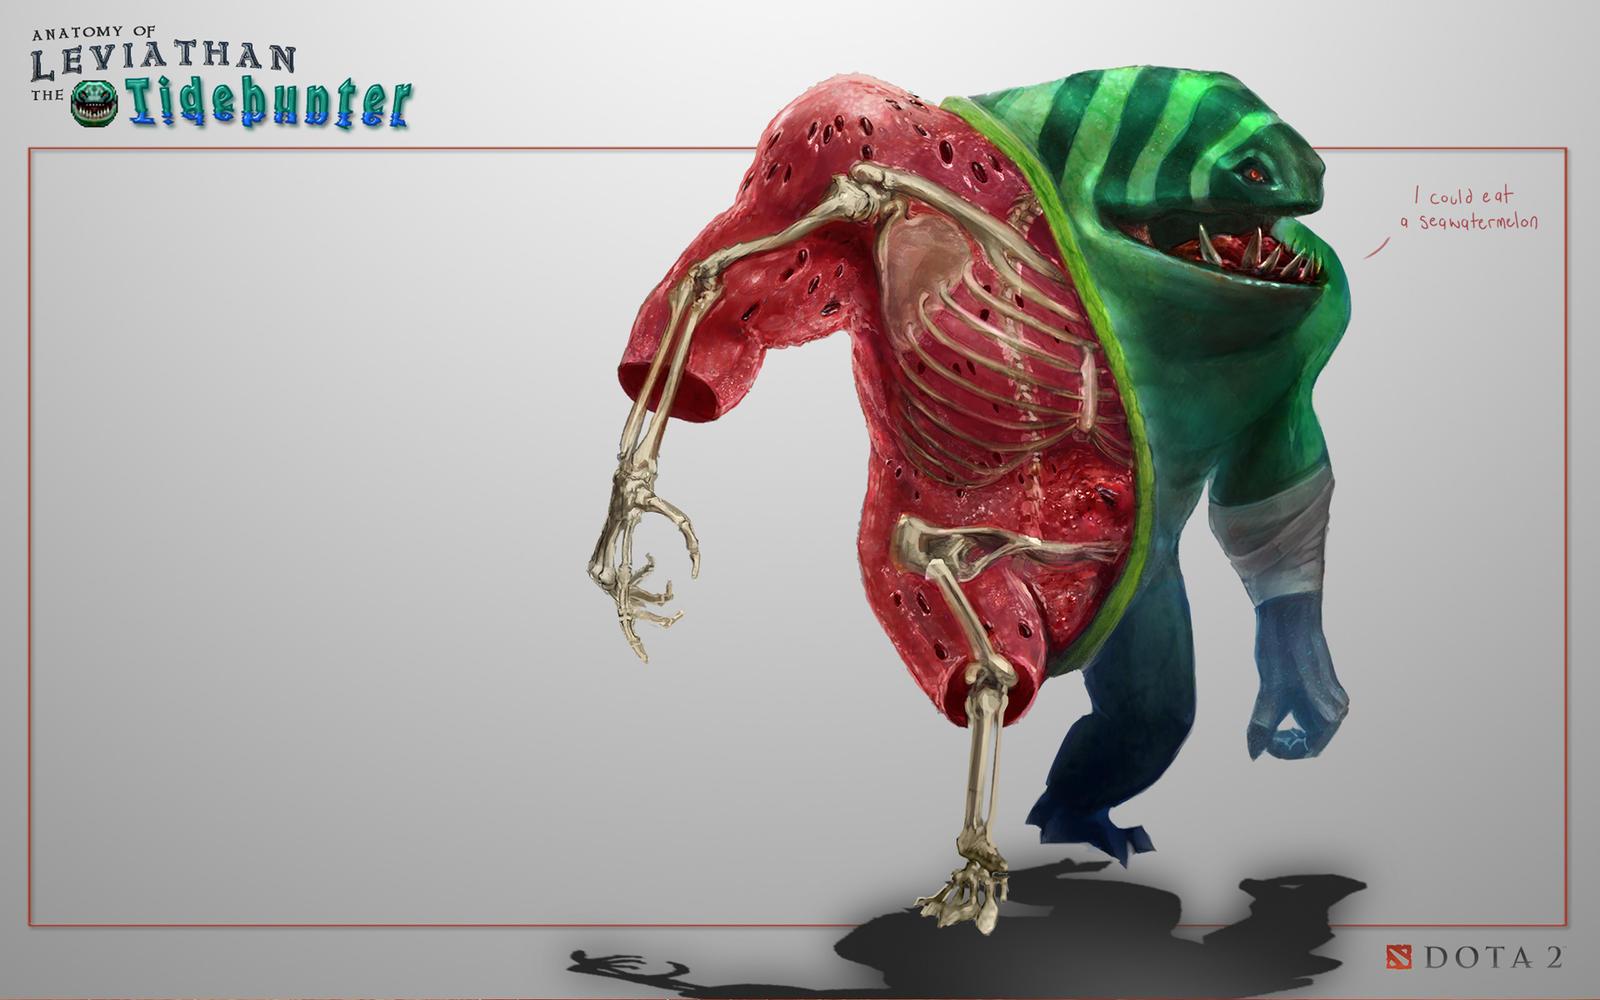 Tidehunter - just like a watermelon but fleshy by RedPaints